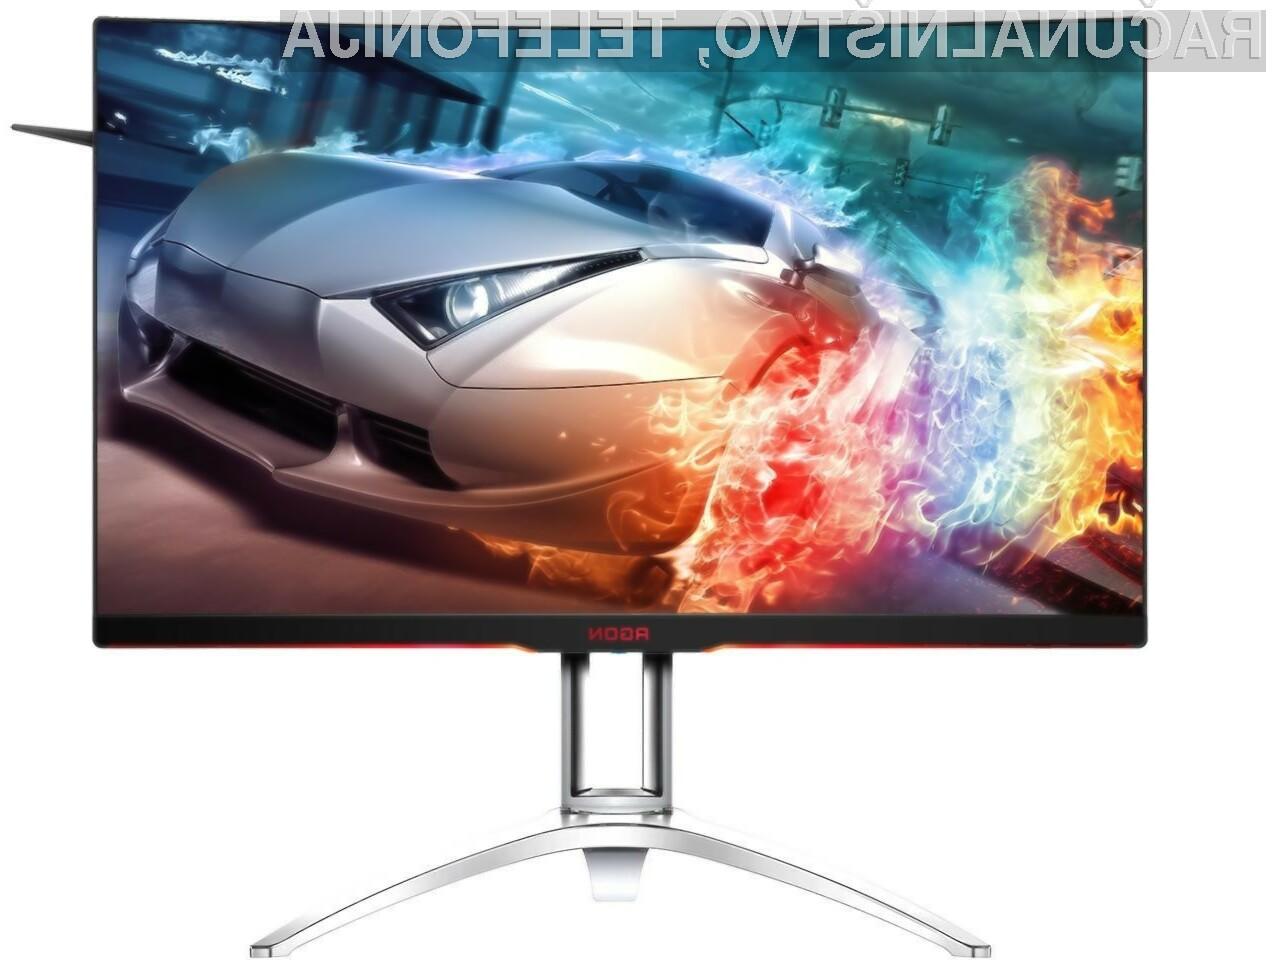 Novi zaslon podjetja AOC je primeren tako za igre kot za gledanje filmov!